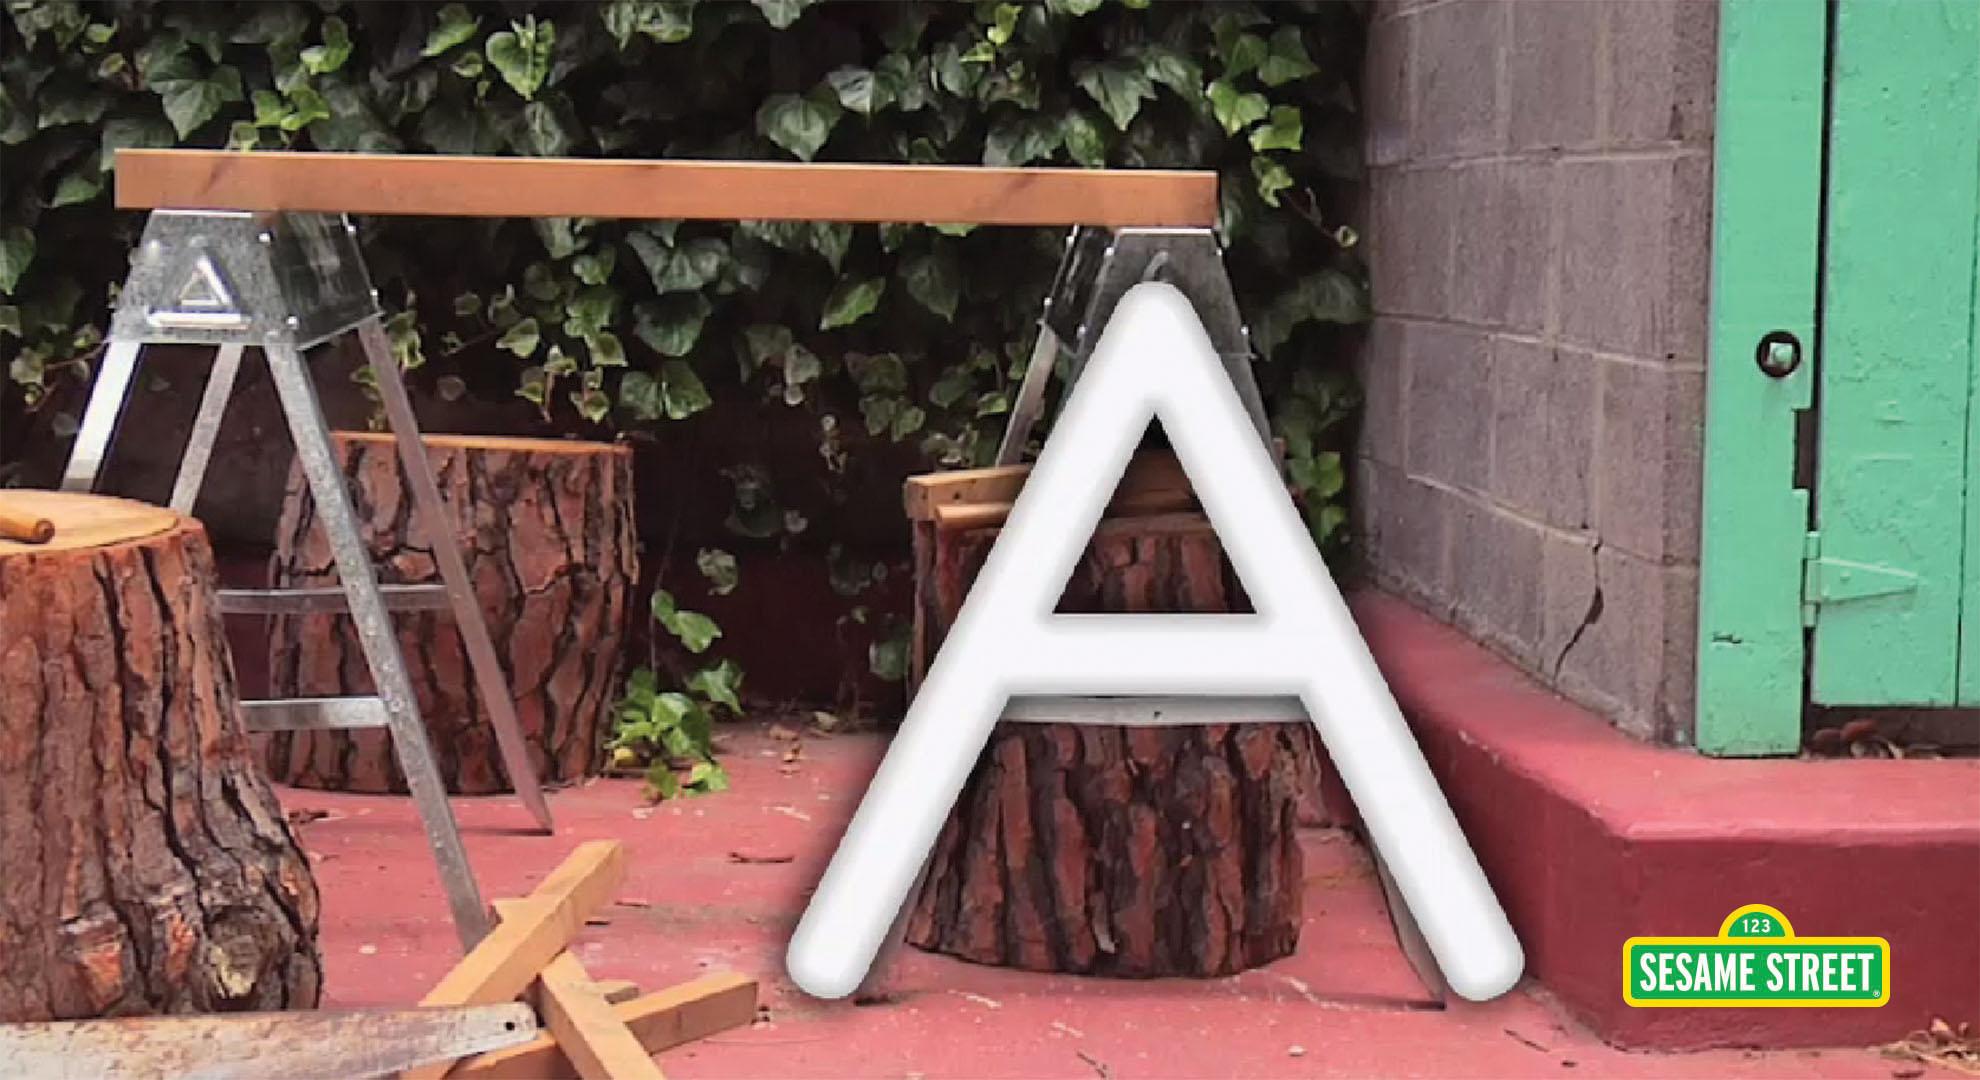 Find the Hidden Letter A | Sesame Street